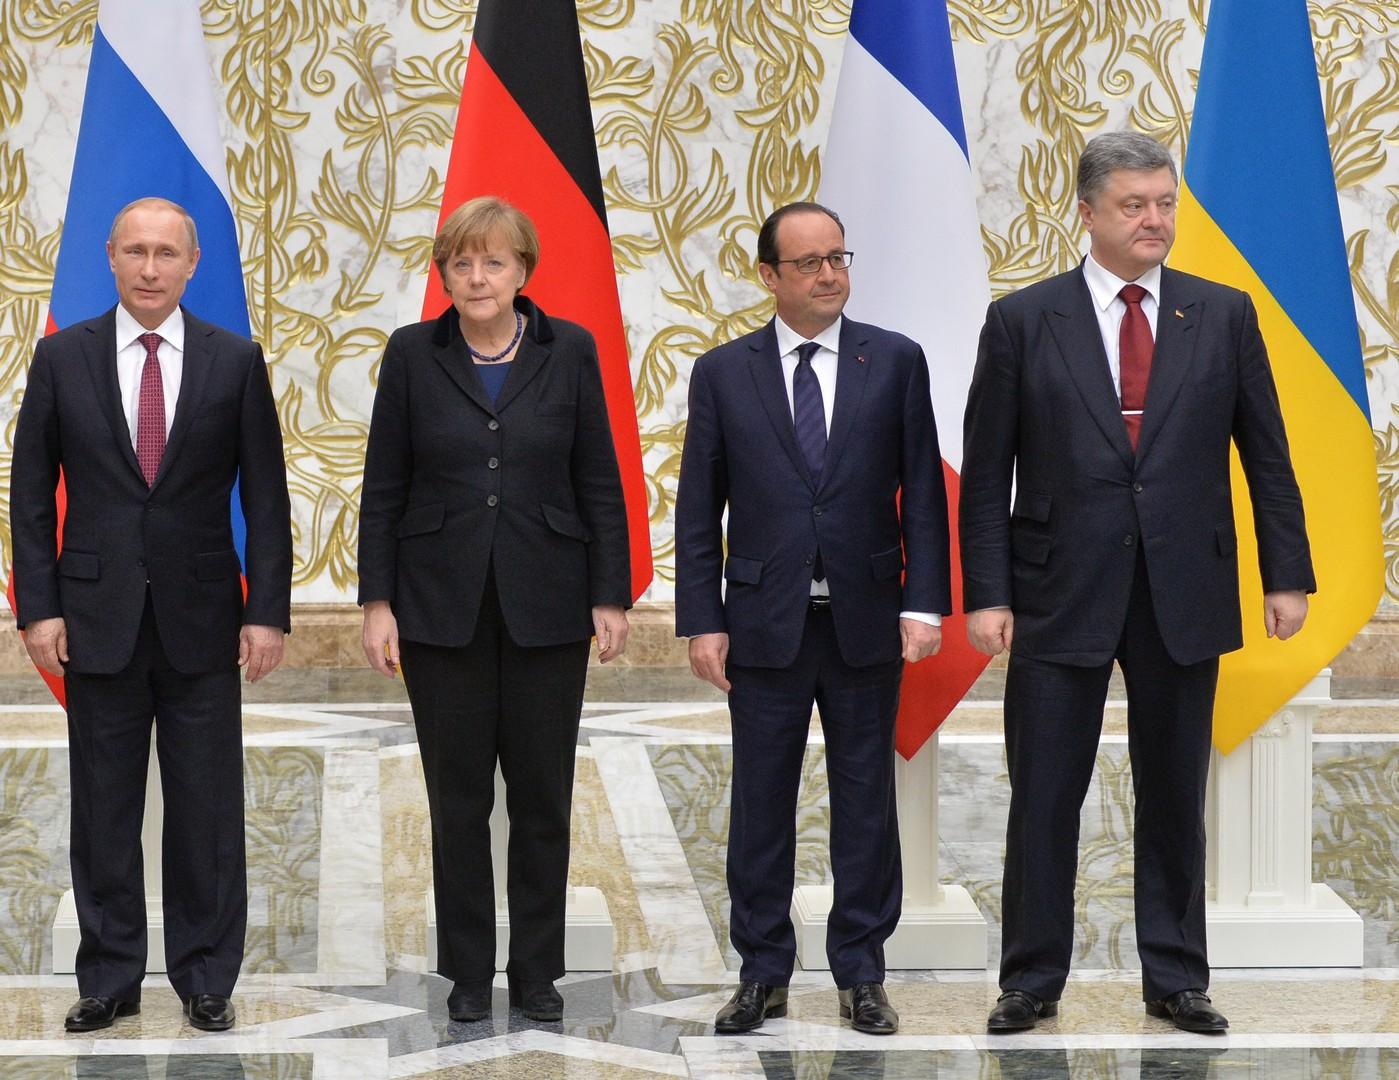 Ночной разговор «четвёрки»: лидеры обсудили Донбасс и выполнение Минских соглашений